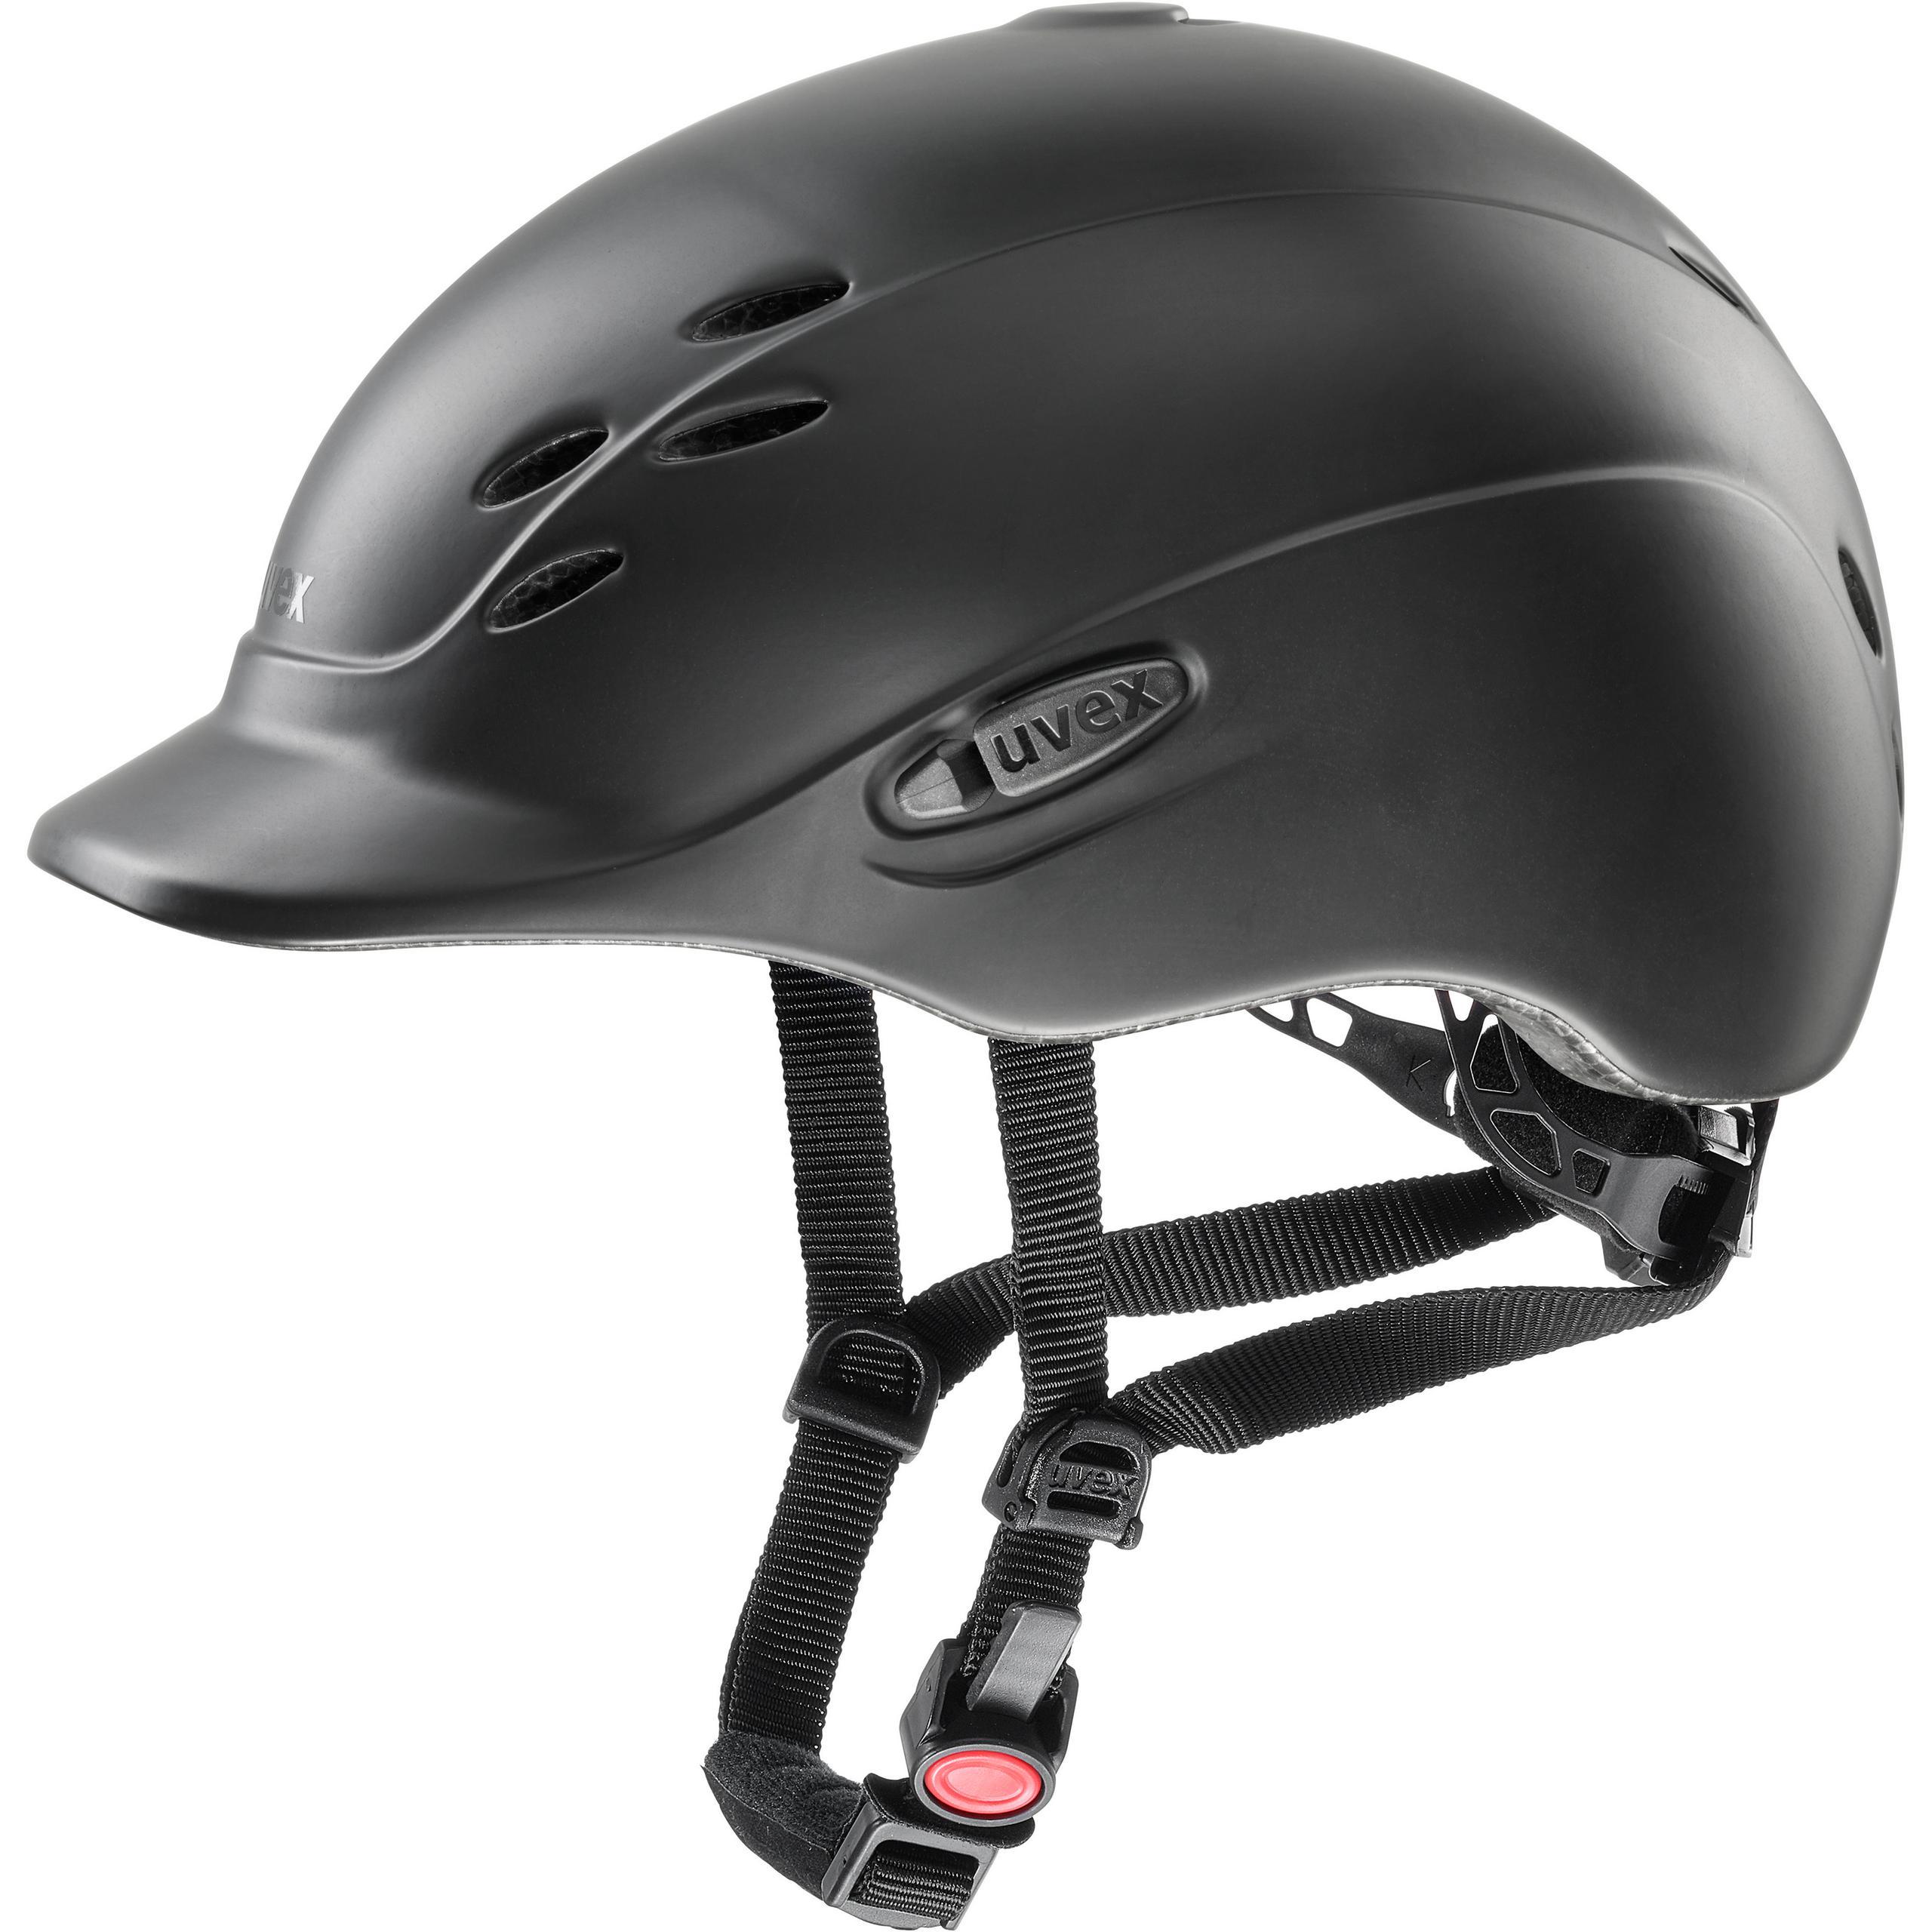 Uvex onyxx mat helmet